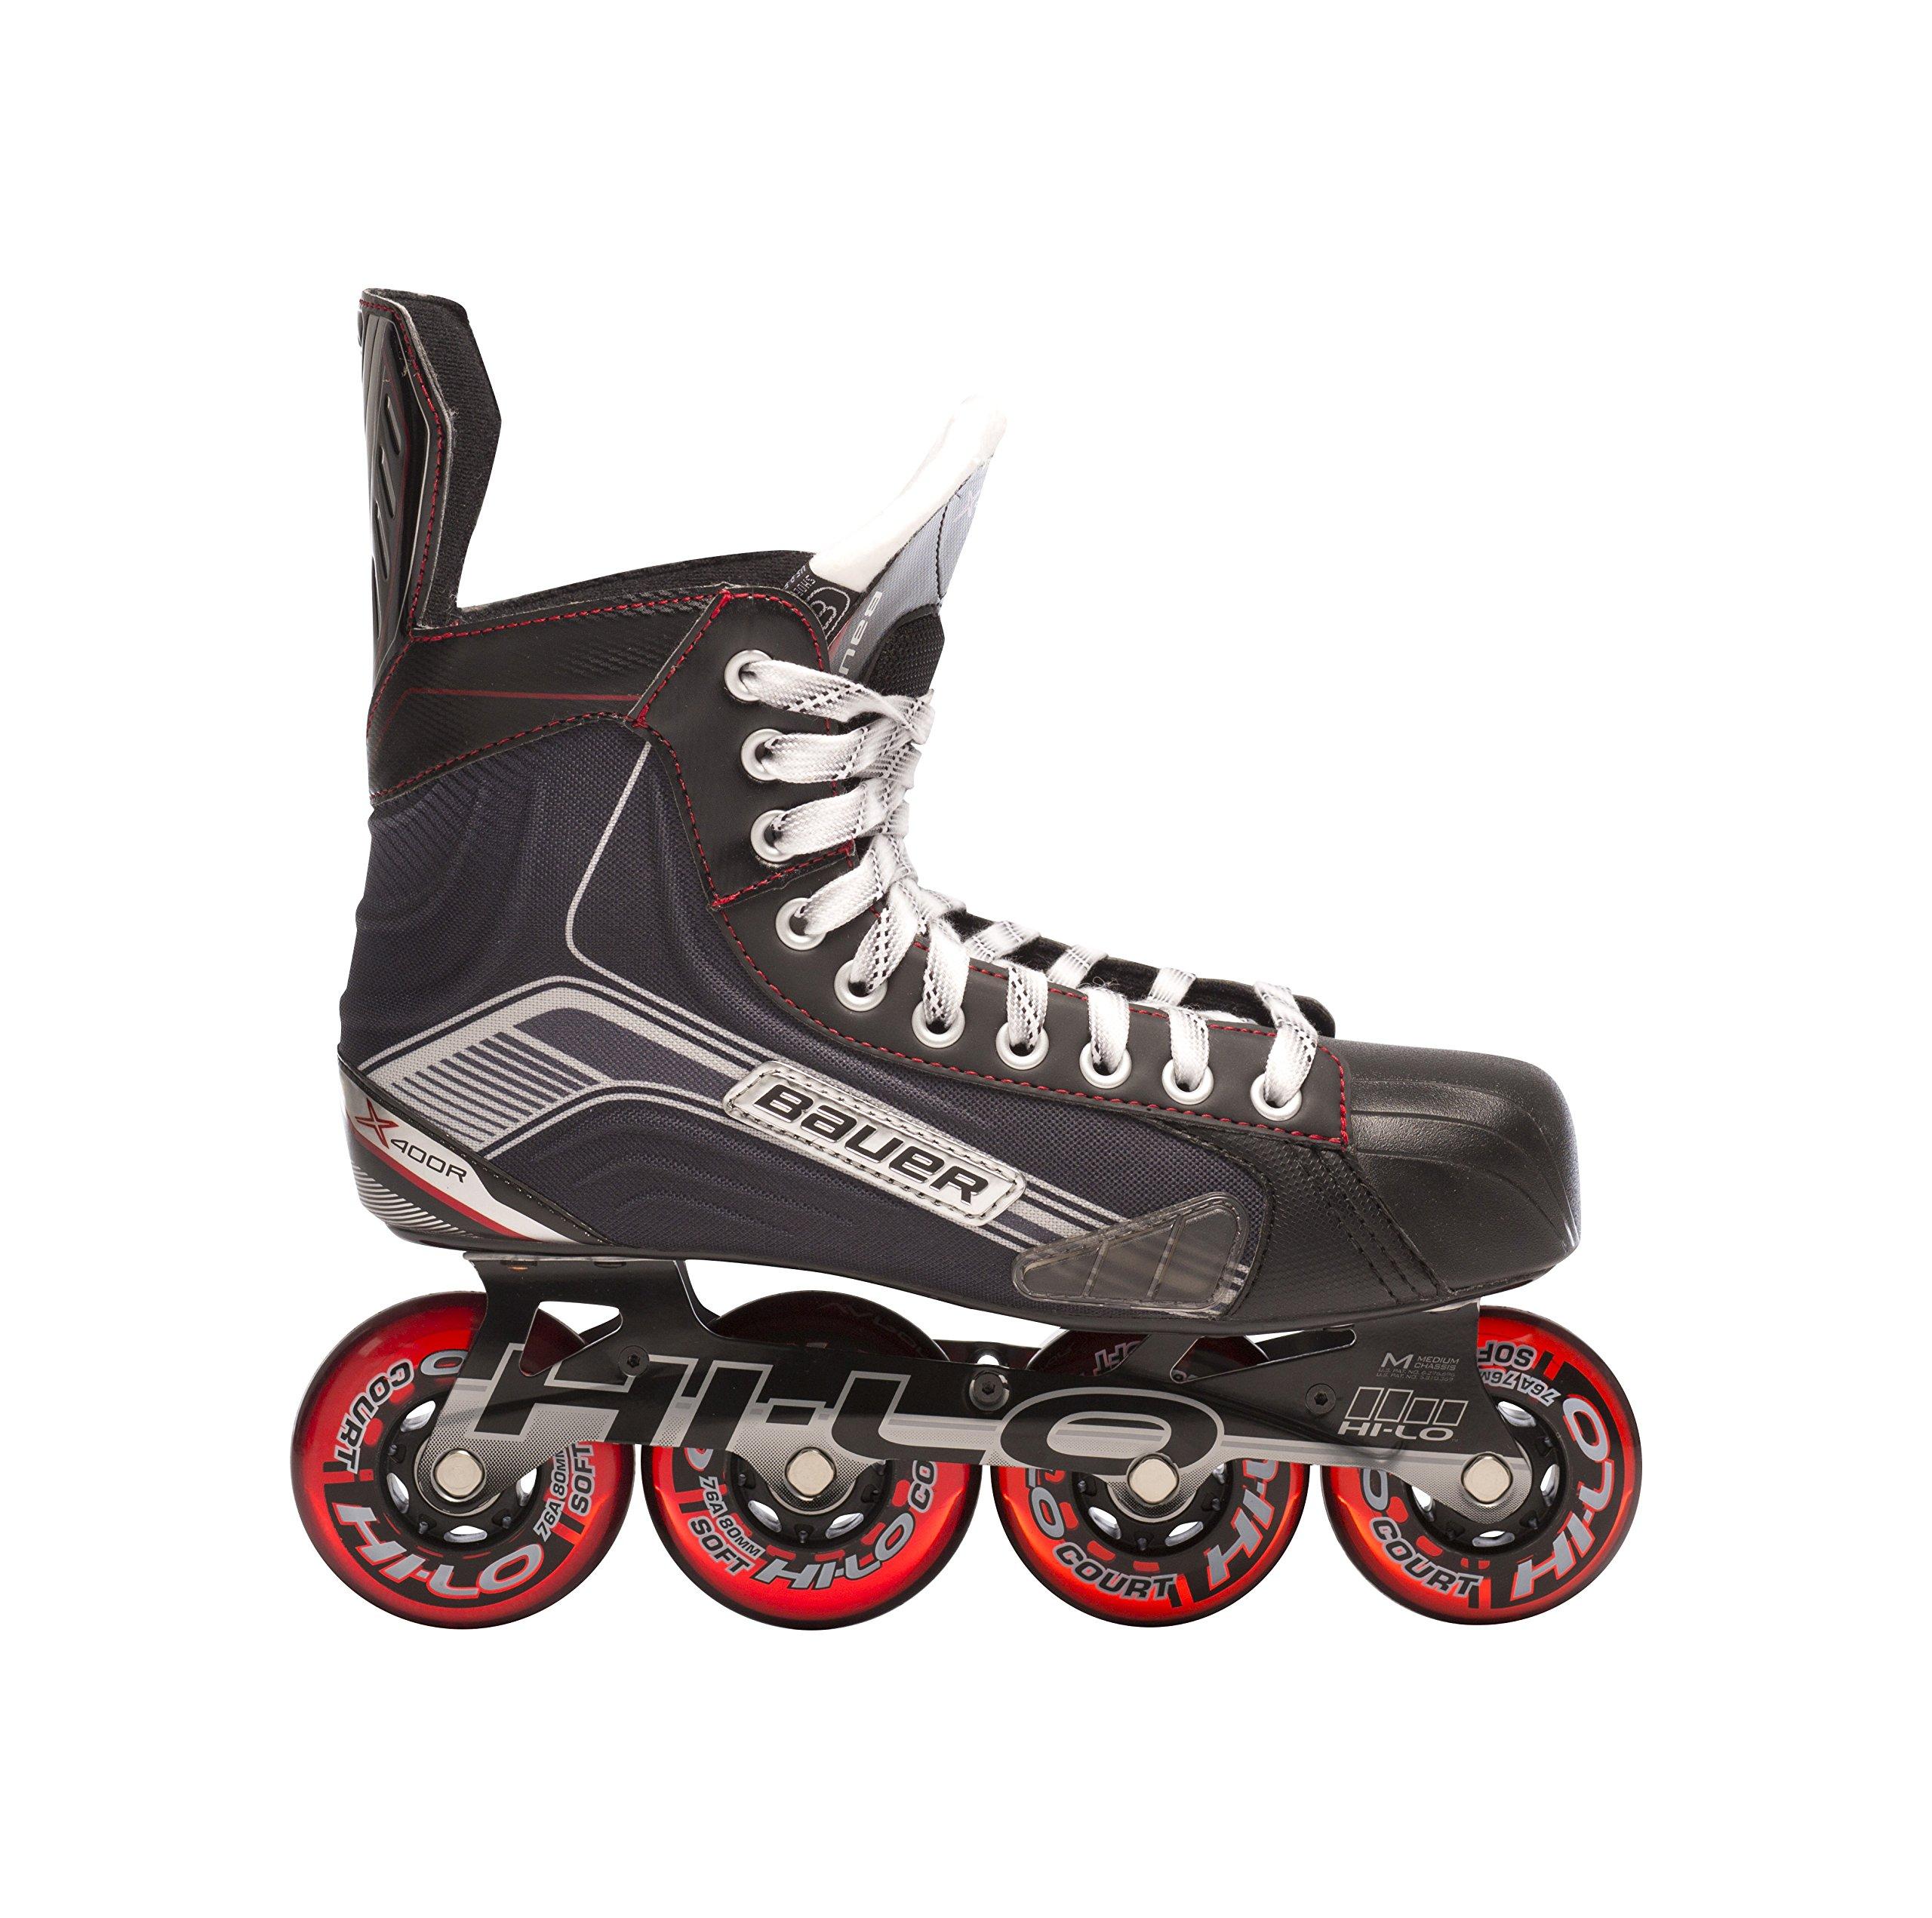 Bauer Junior Vapor X400R Roller Hockey Skate, Black, Size 3 by Bauer